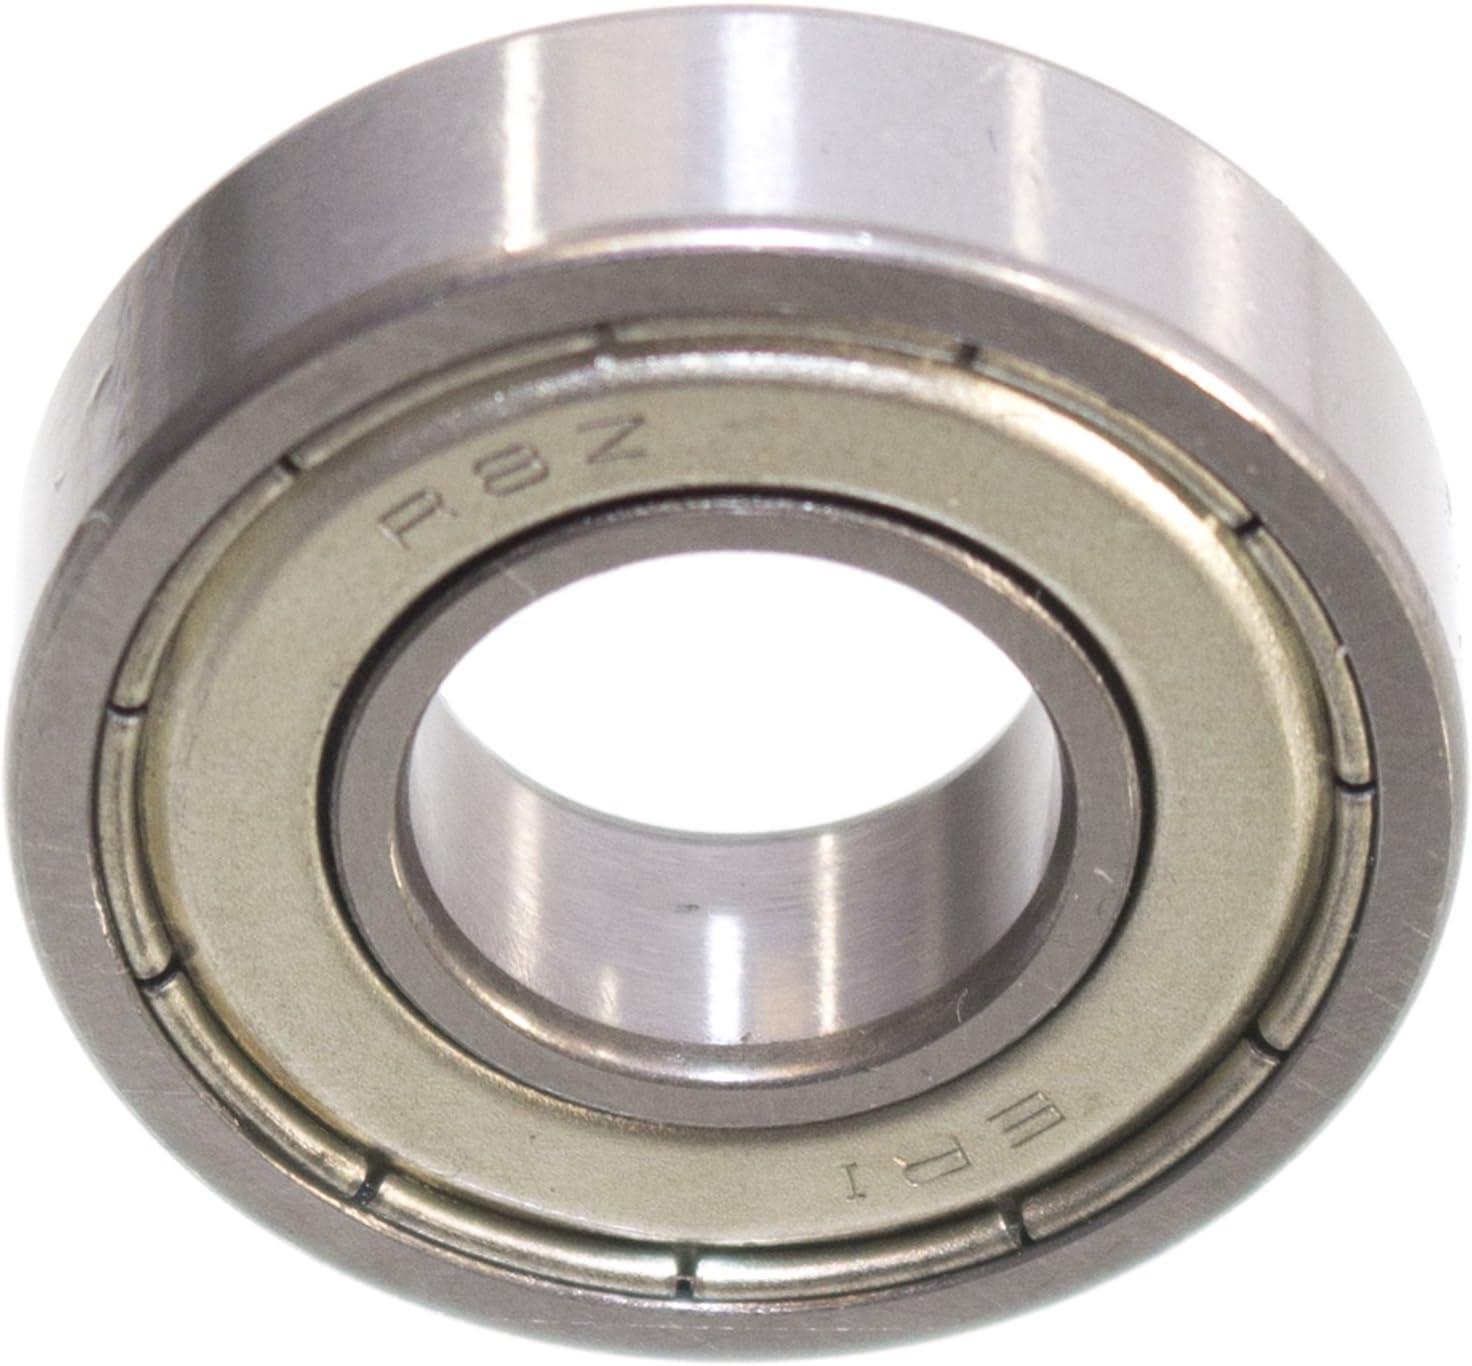 NIRO Kugellager 10x28x8 mm 1 Stück